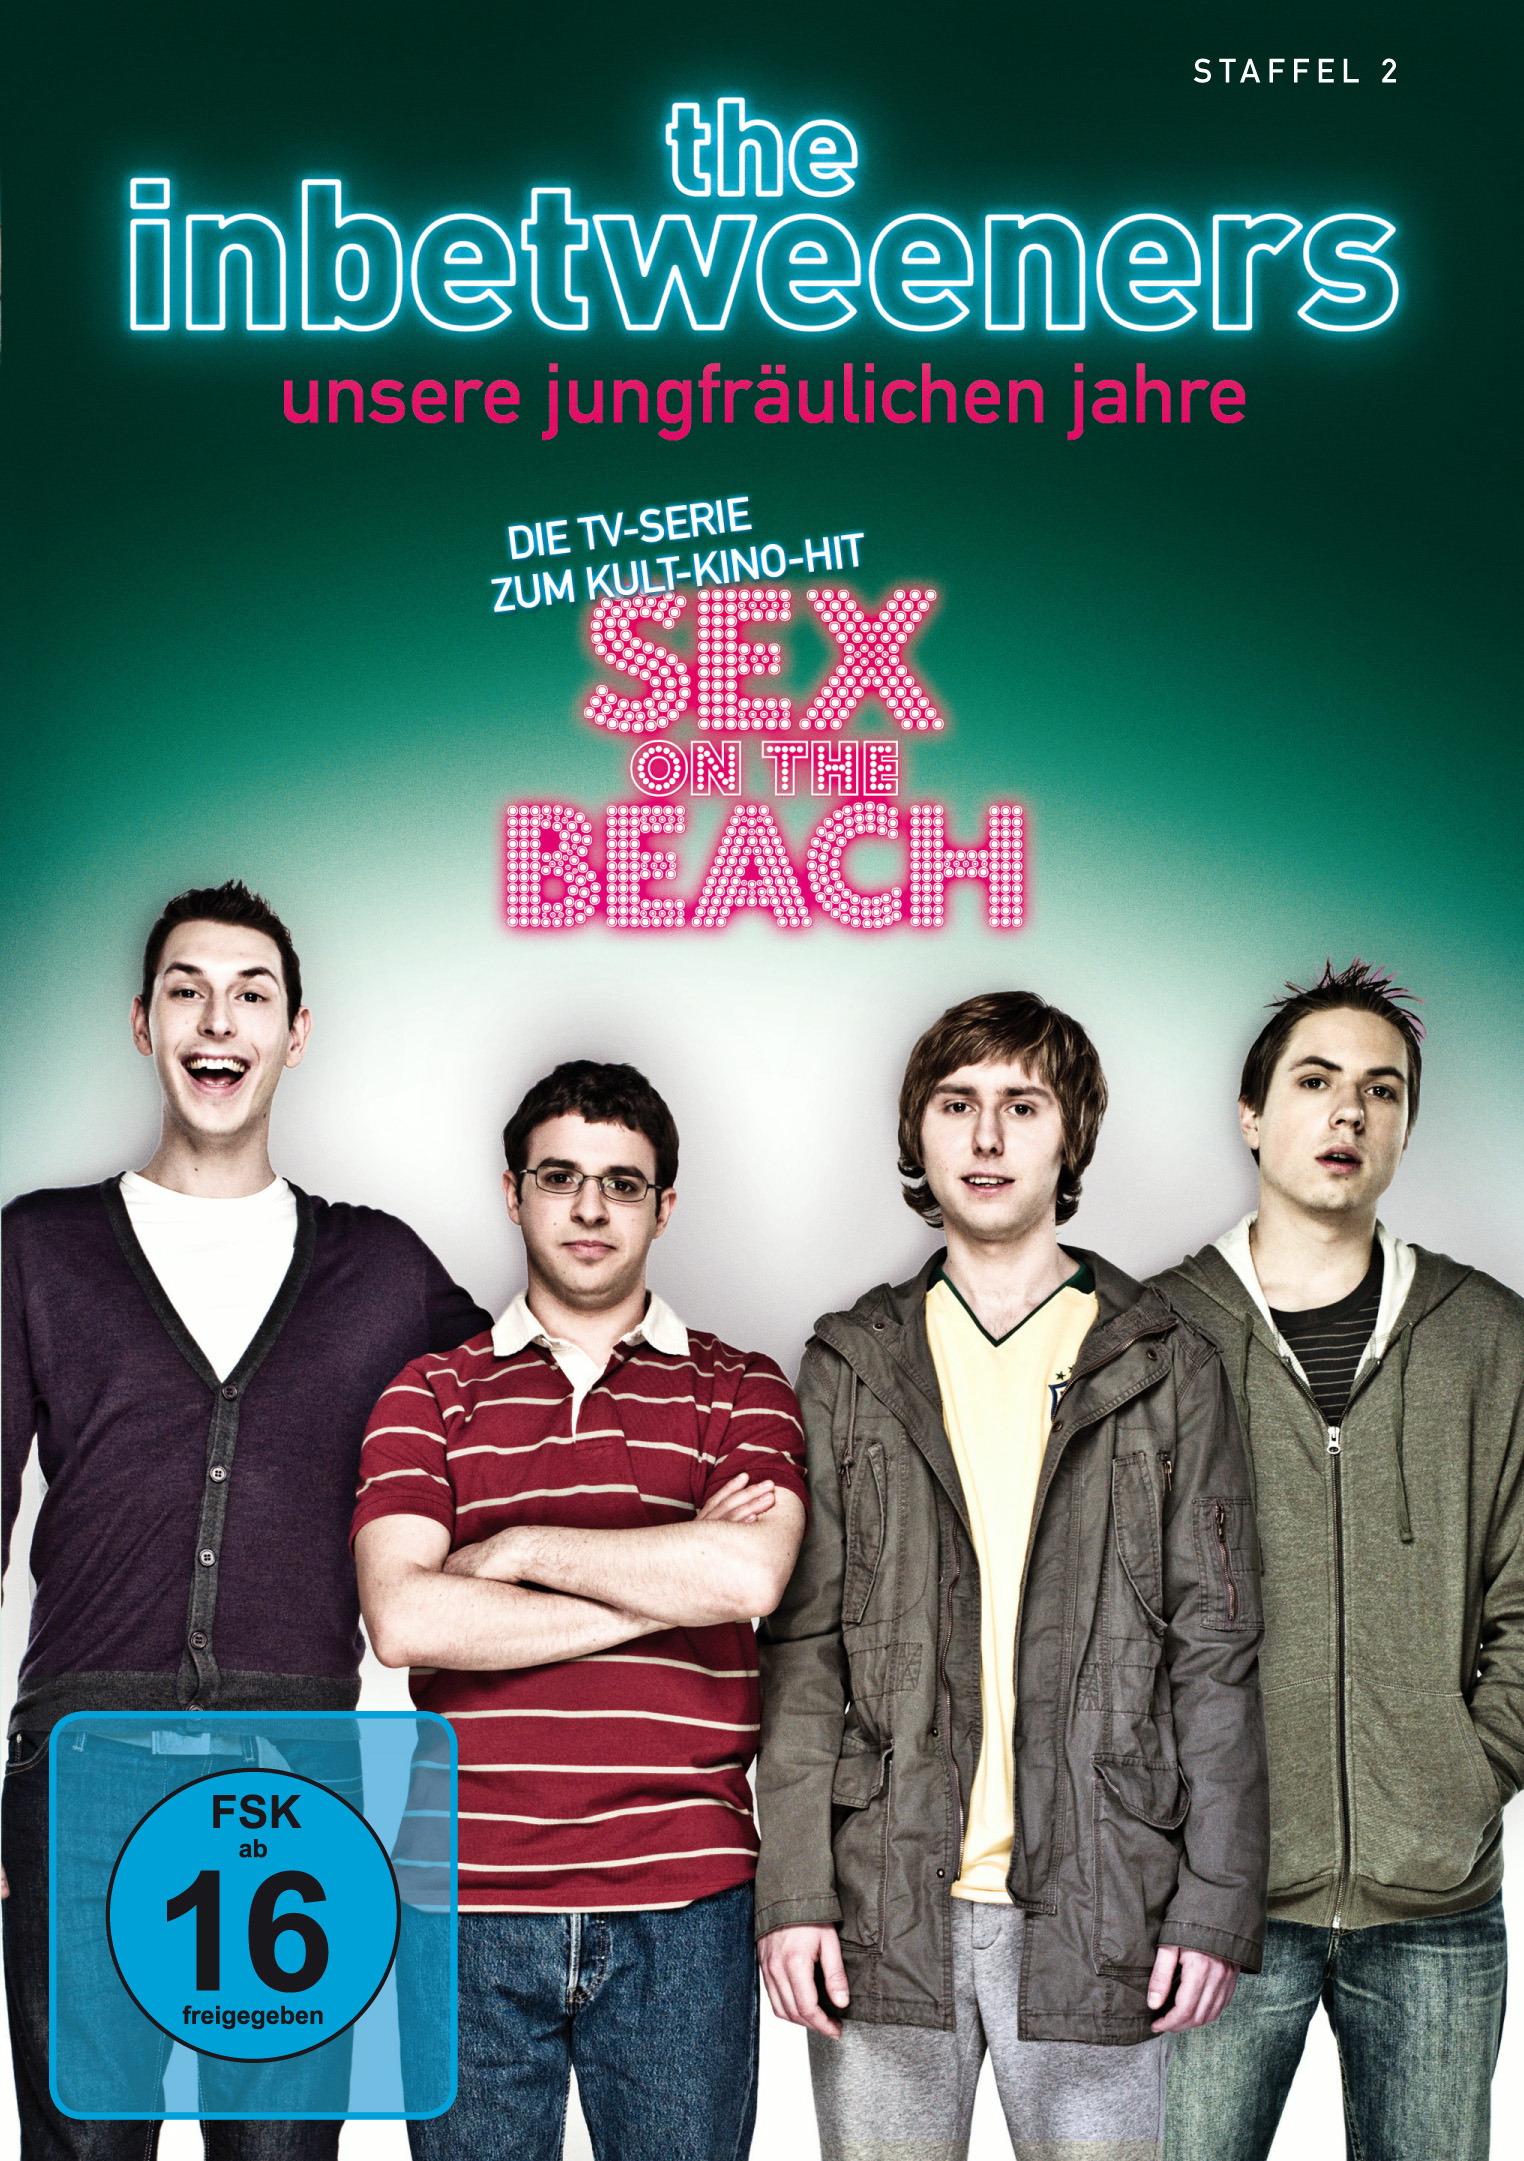 The Inbetweeners - Unsere jungfräulichen Jahre, Staffel 2 Poster